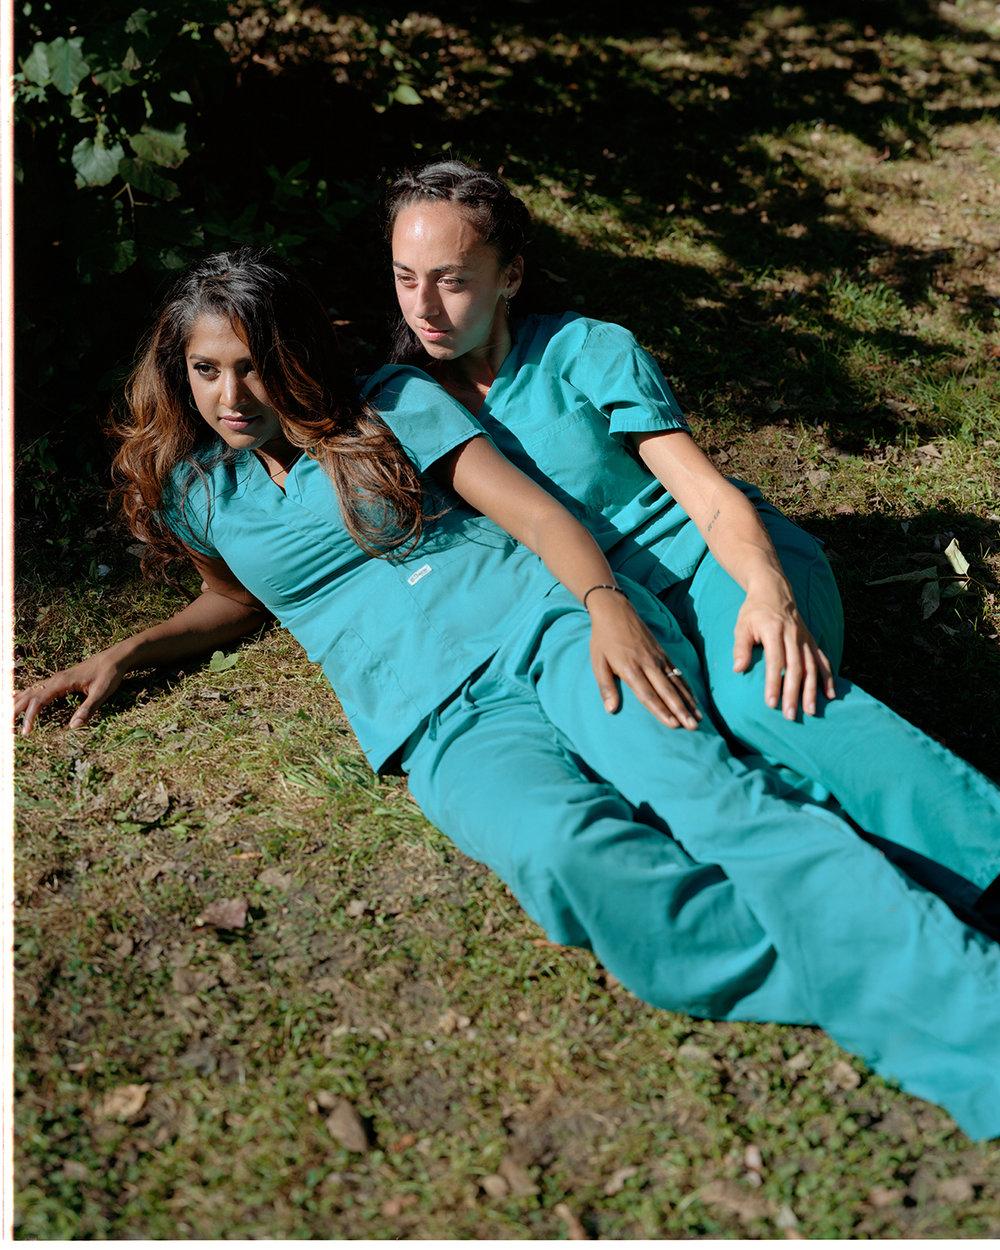 Two Nurses  2017 ©Ian Lewandowski